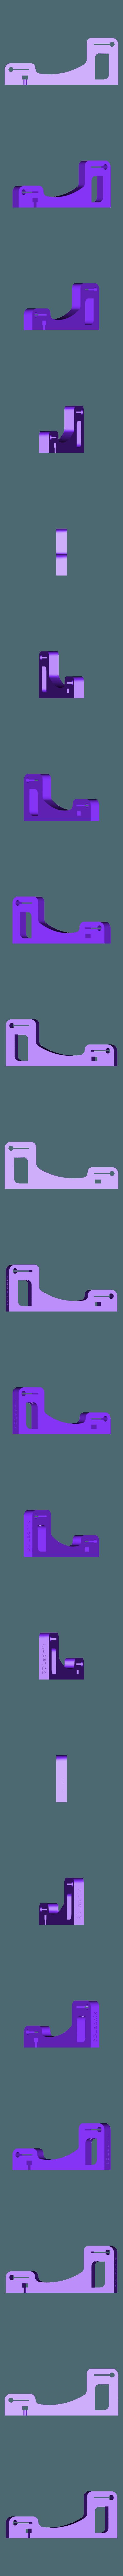 SpHl-01-5.STL Télécharger fichier STL gratuit Porte-bobine universel • Modèle à imprimer en 3D, 3DLadnik